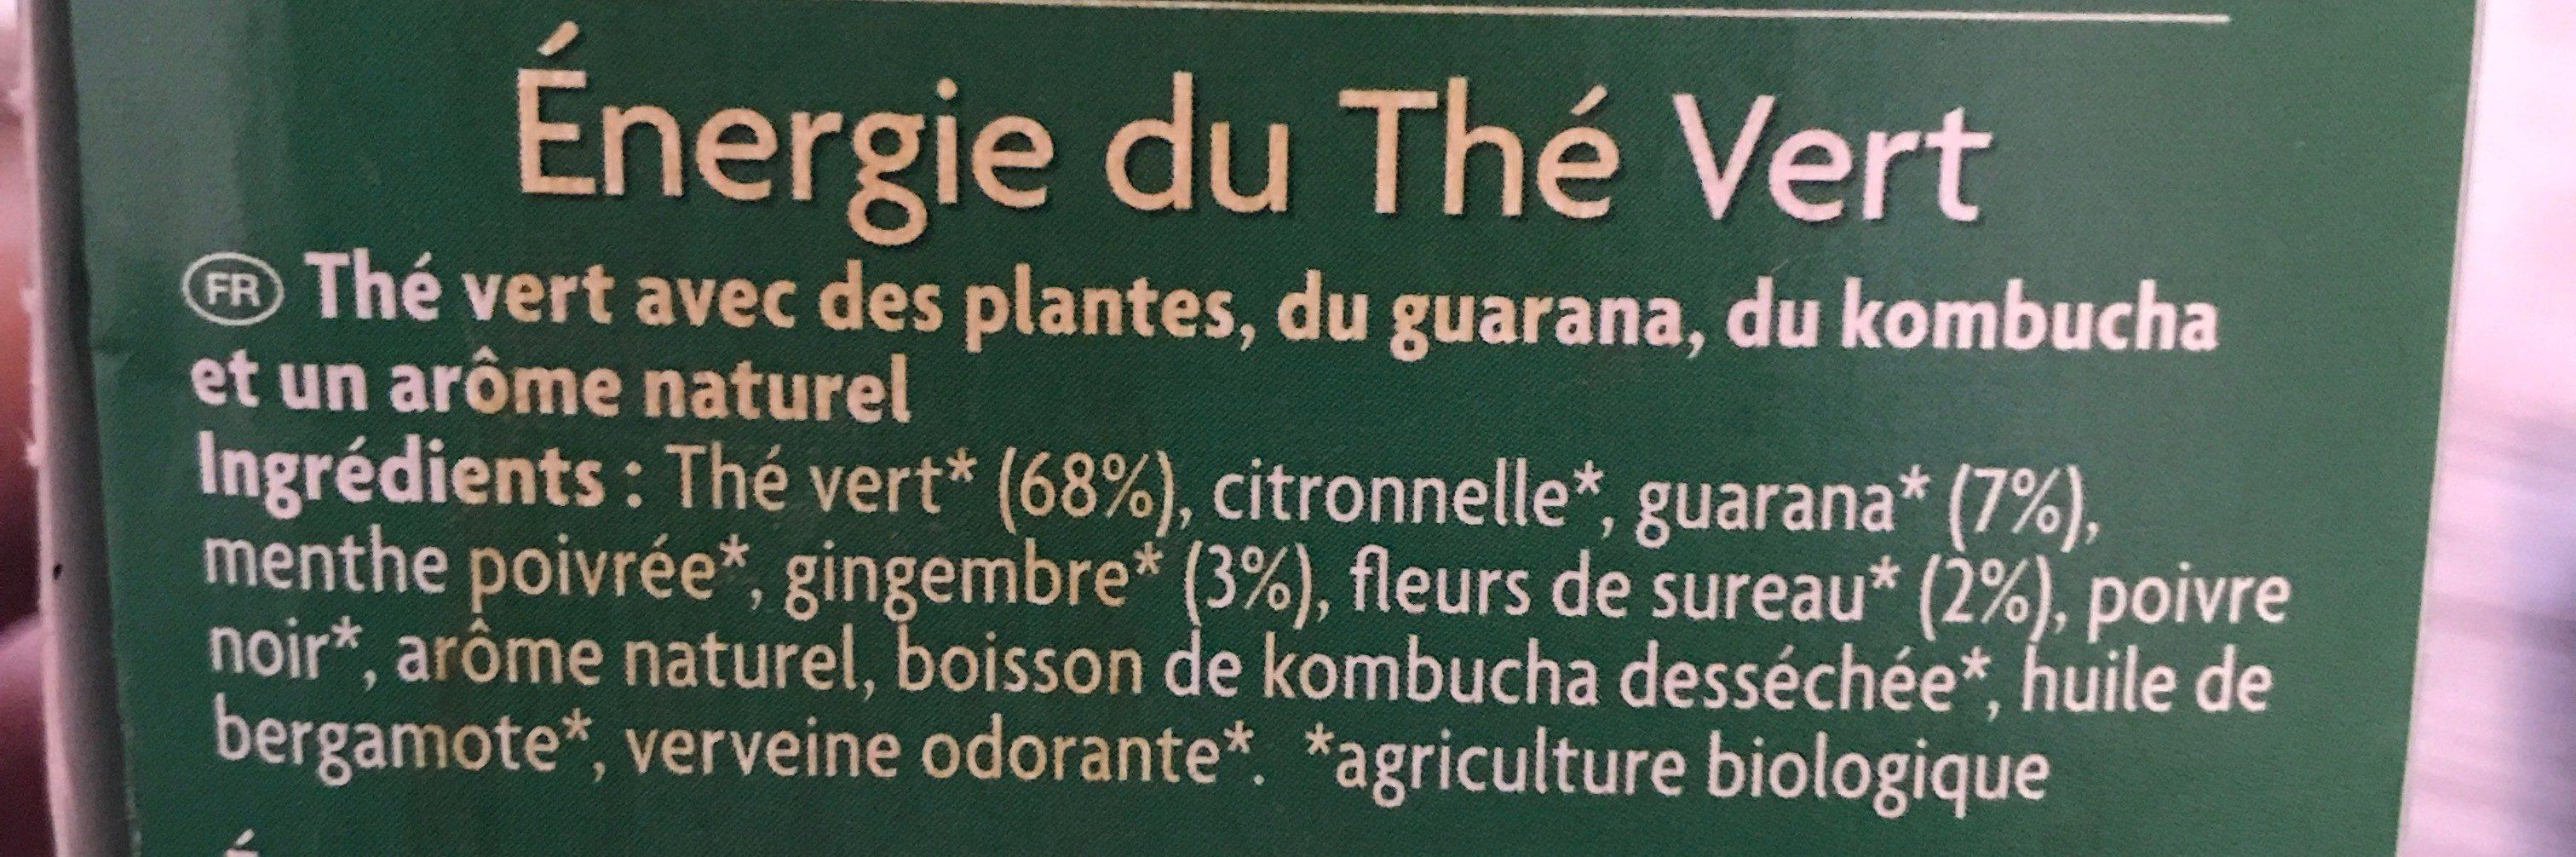 Énergie du thé vert - Ingrédients